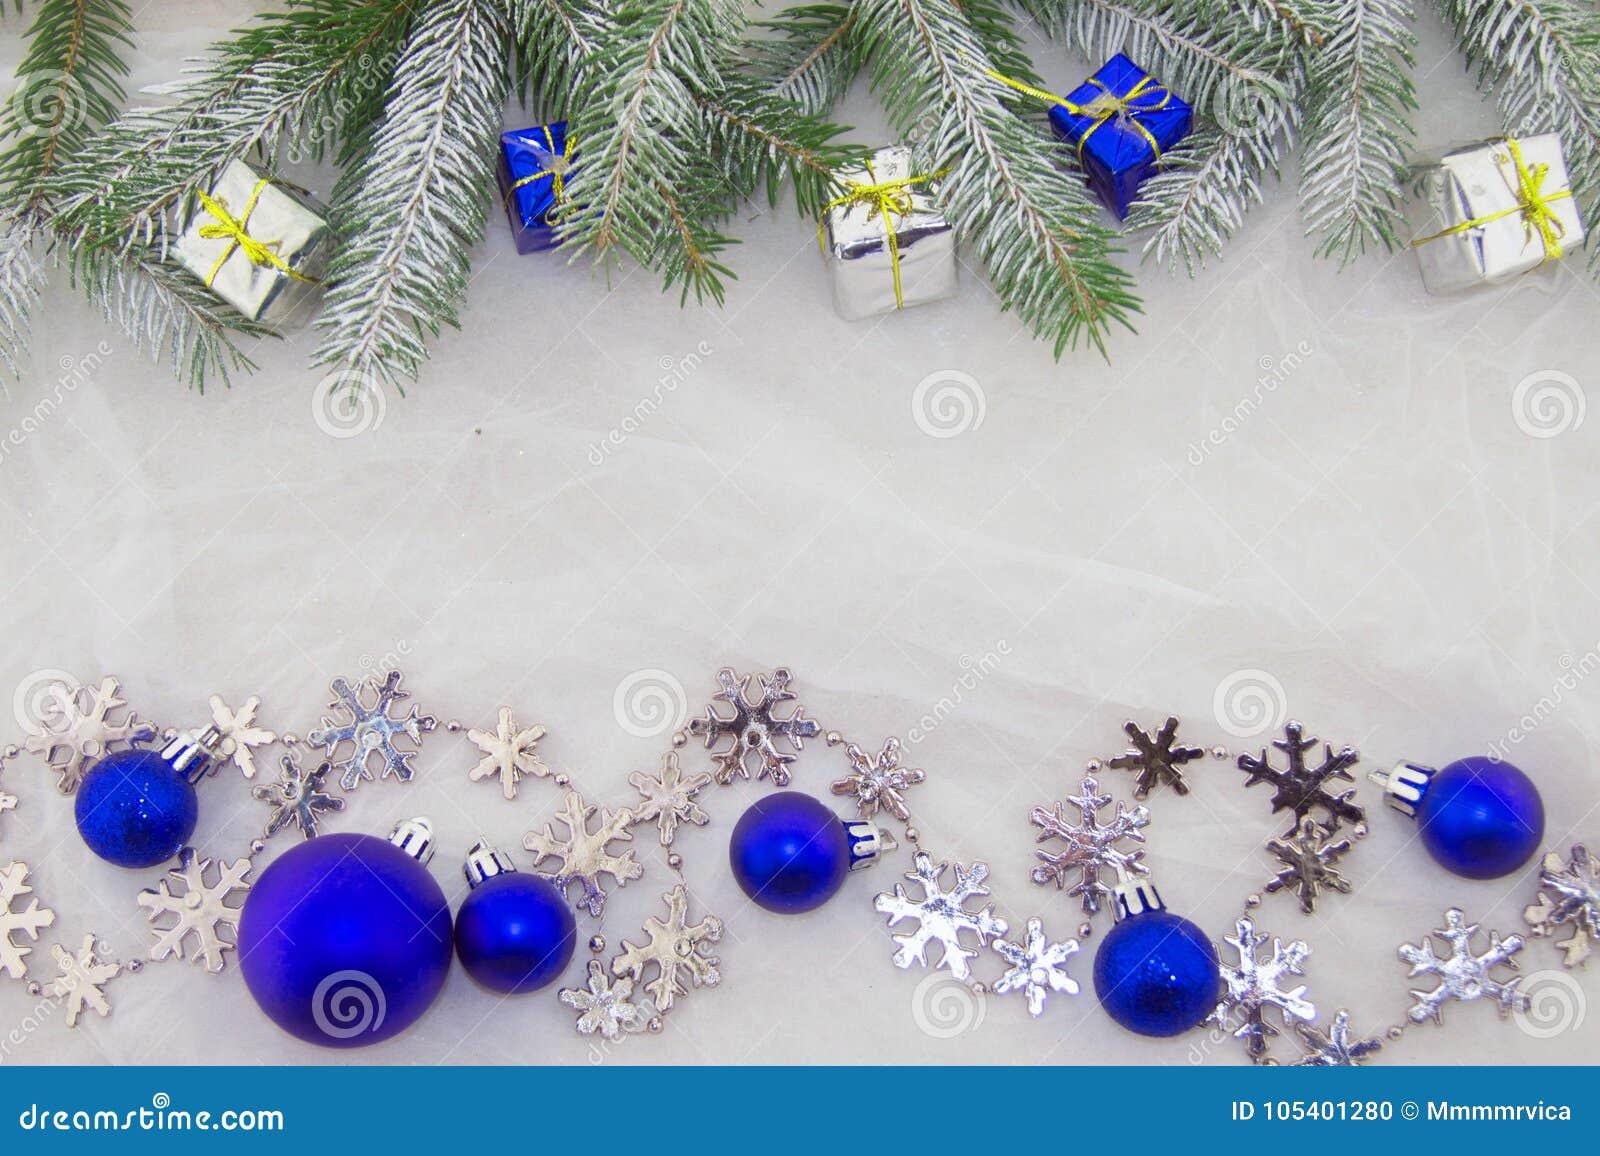 Decoración, Azul, Verde, Plata Y Blanco De La Navidad Foto